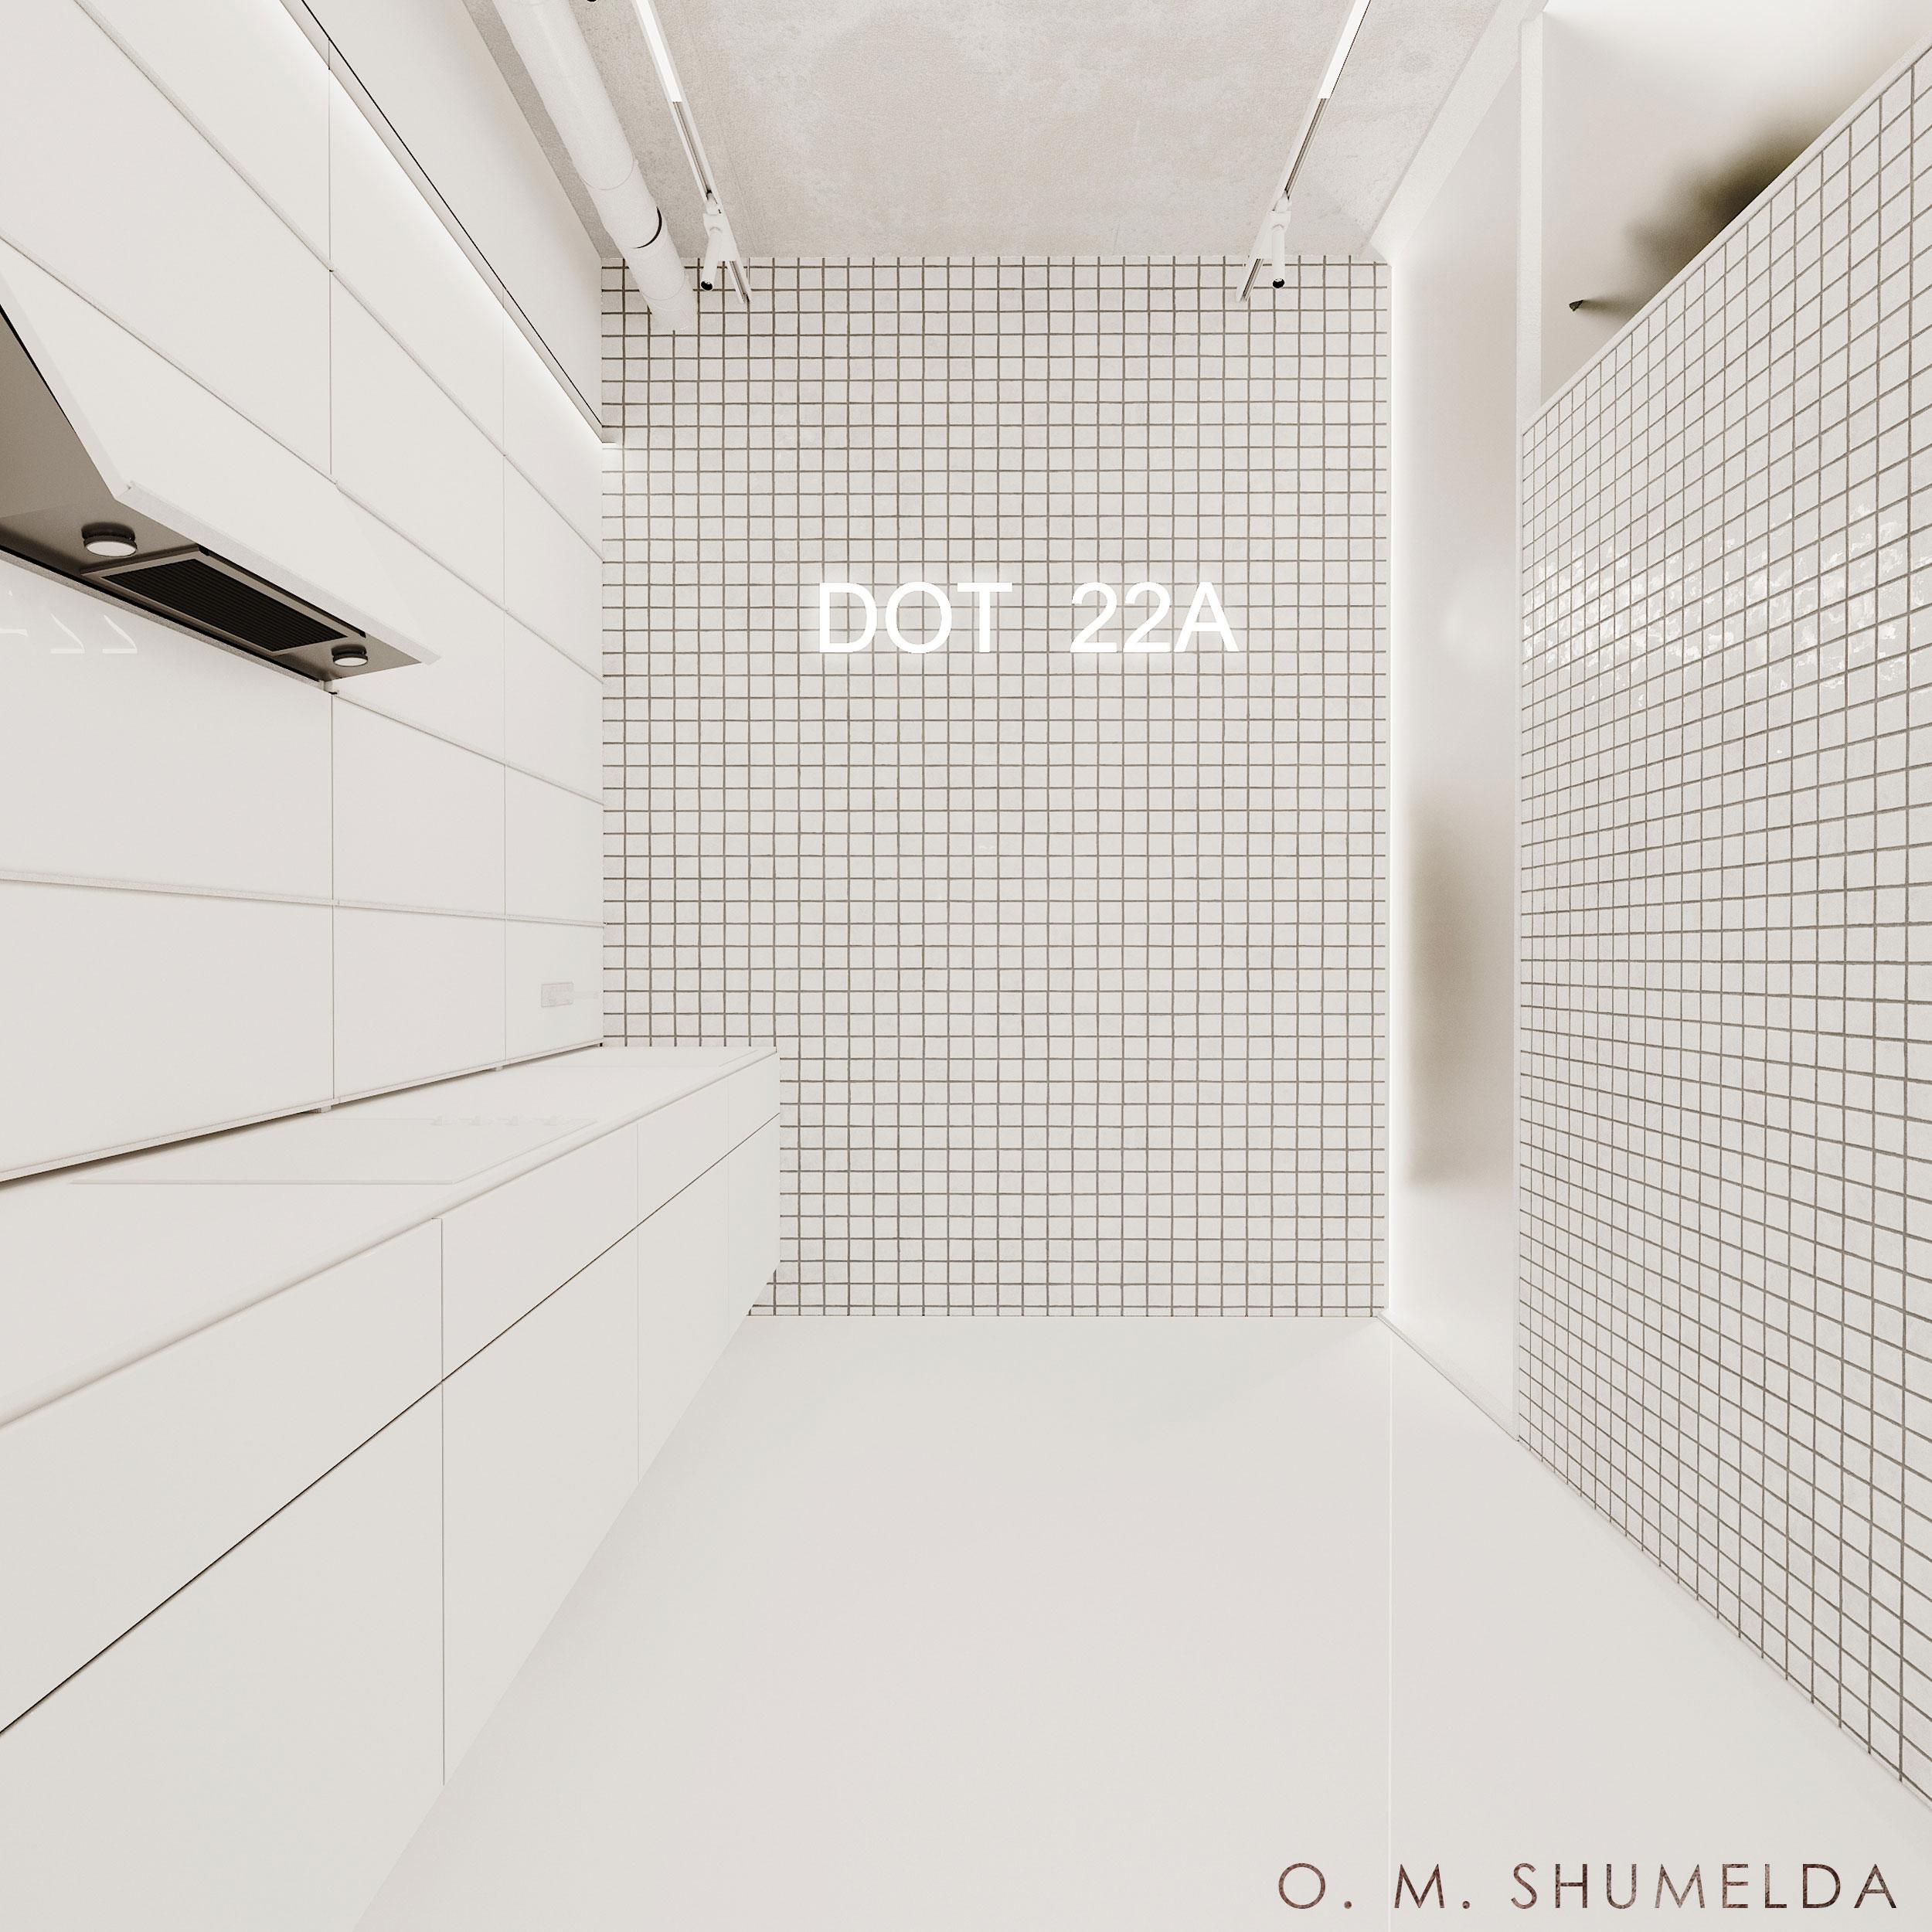 DOT 22a